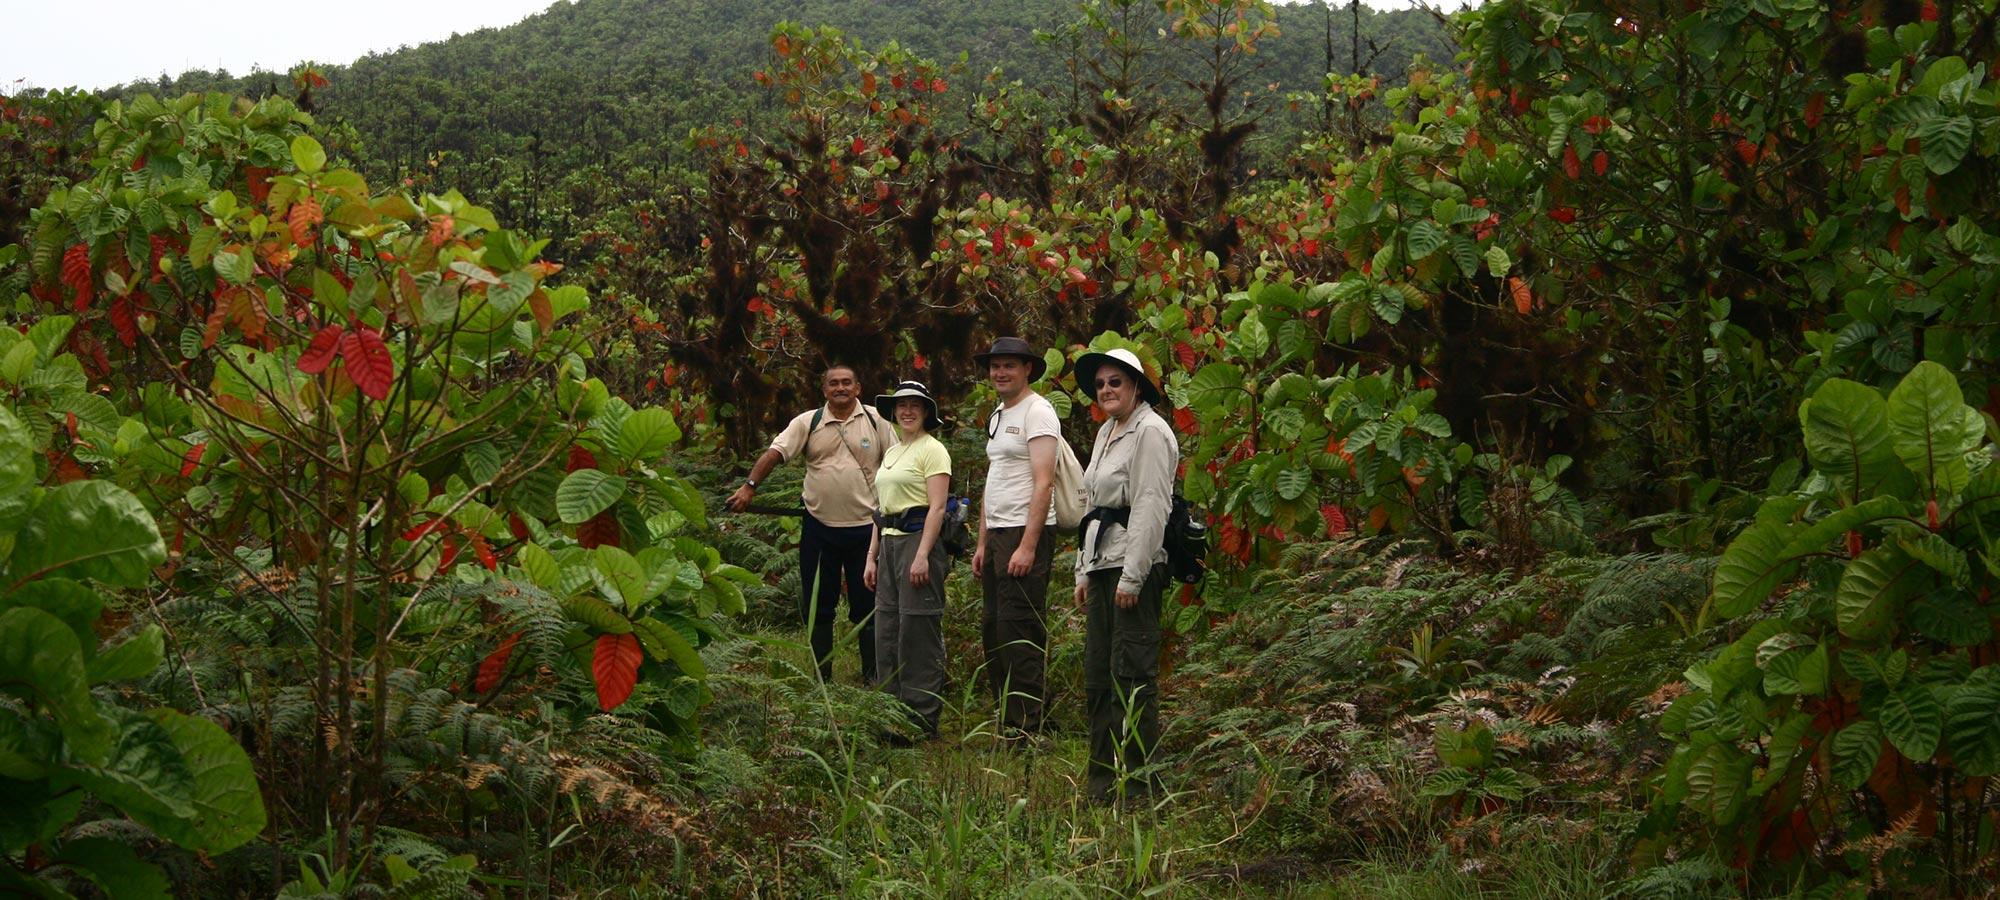 walking-tour Galapagos Walking Tour 7 Days